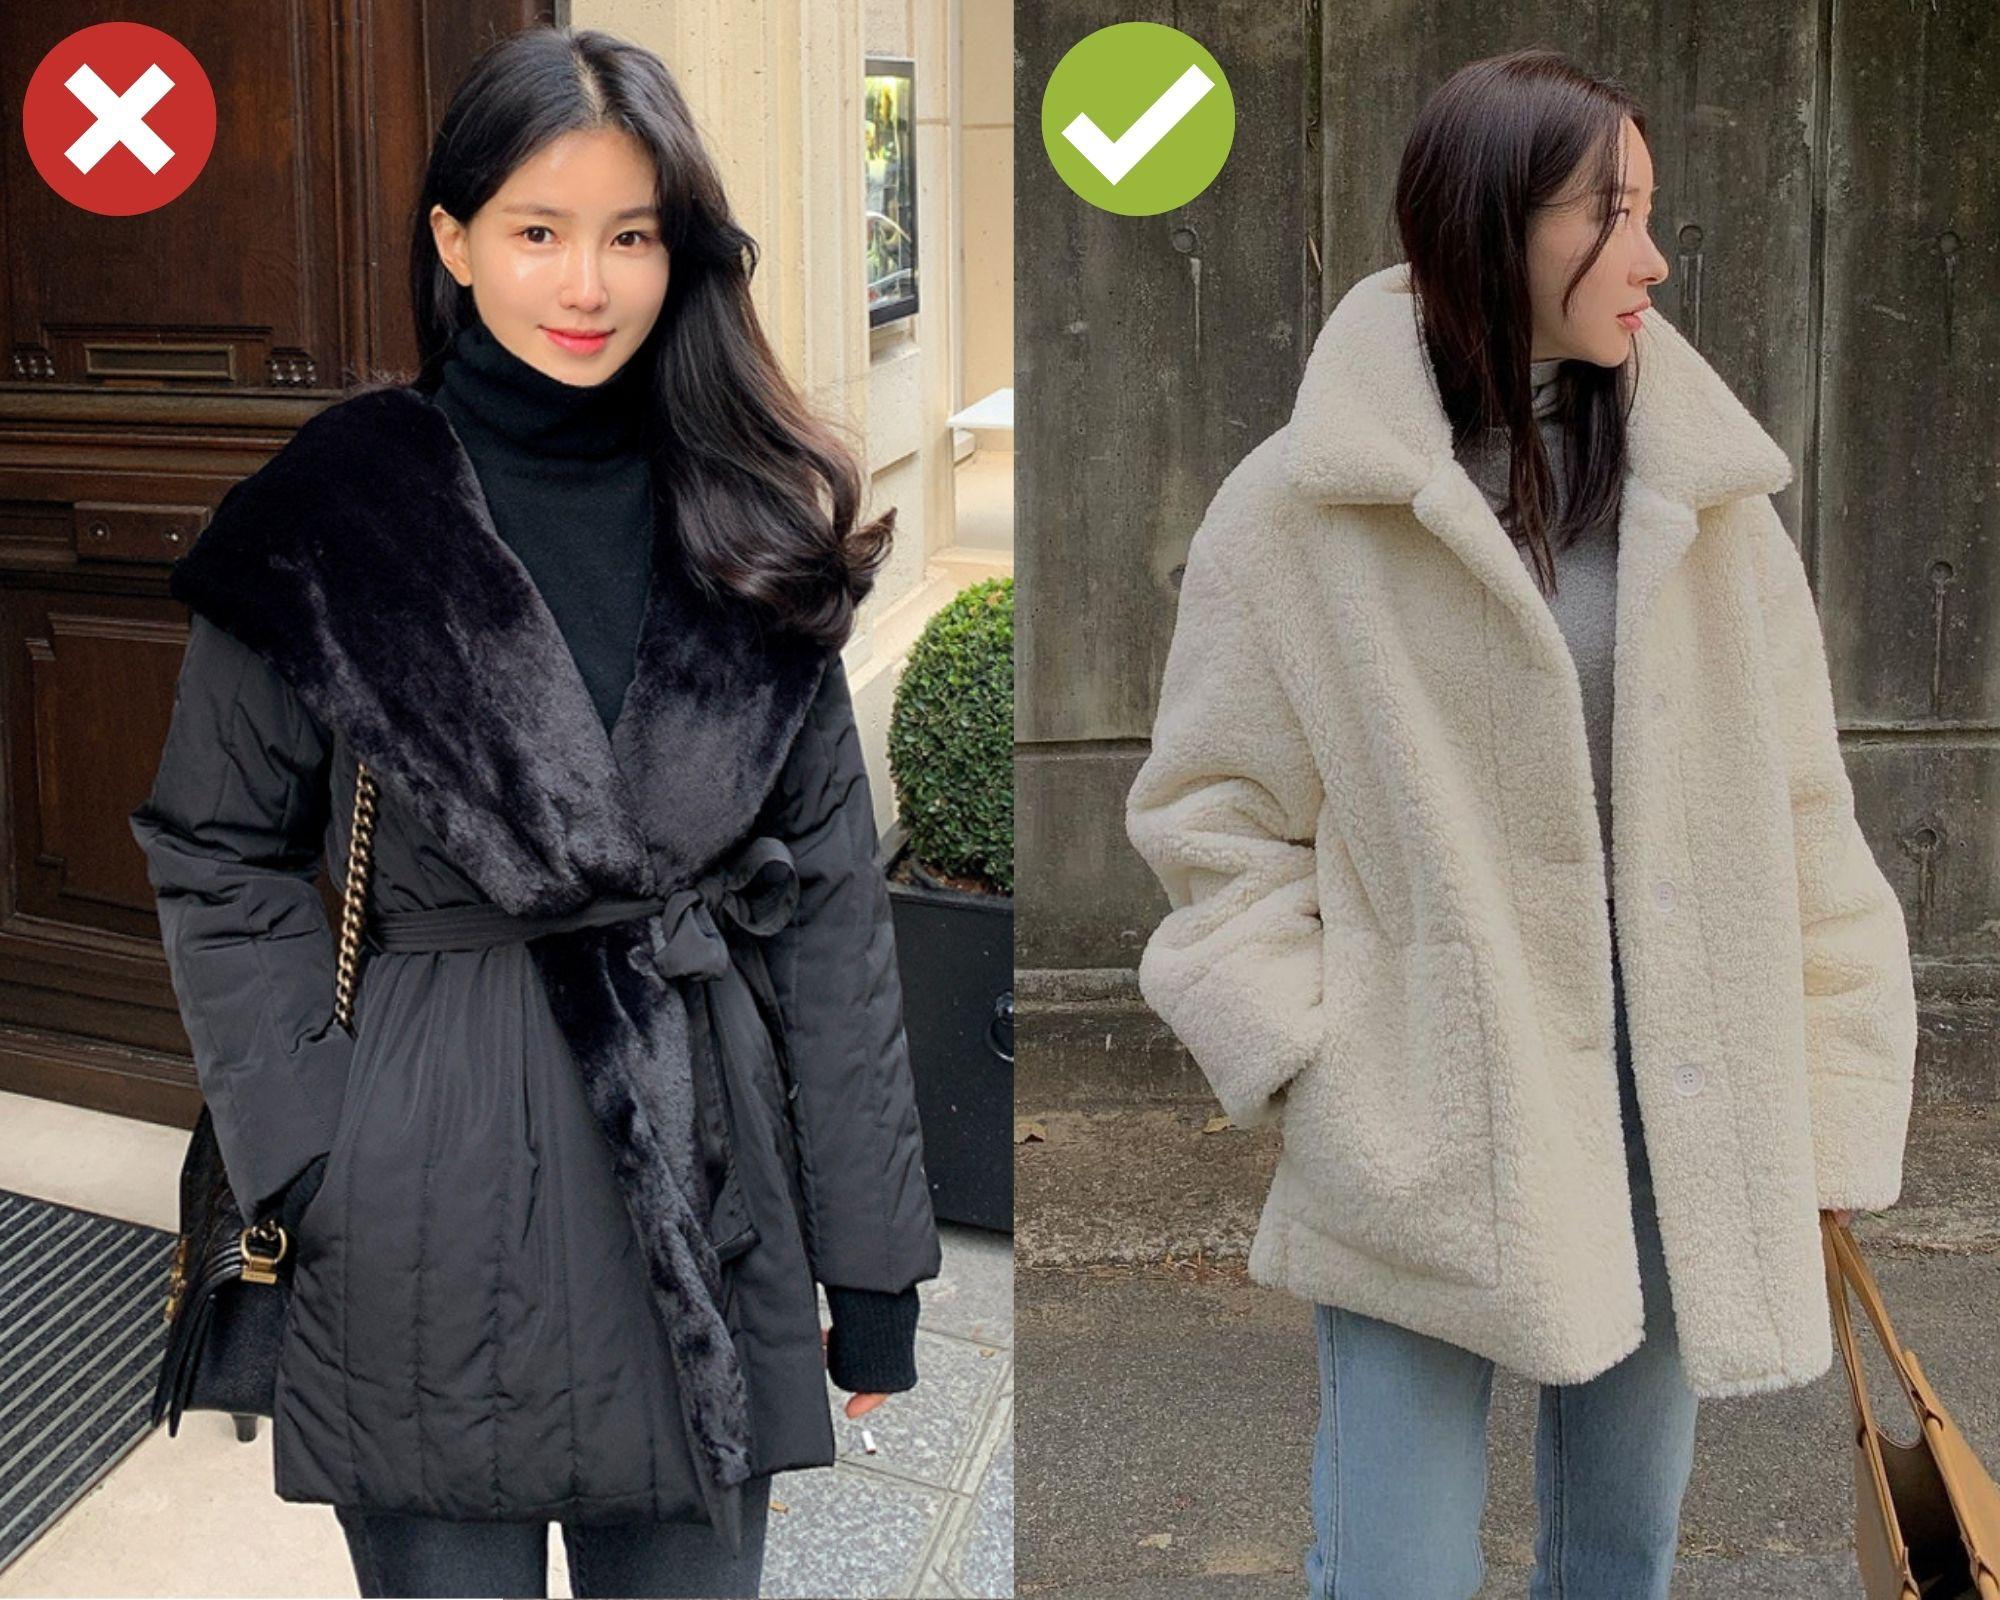 4 kiểu áo khoác mua chỉ phí tiền vì mặc lên vừa già, vừa làm sa sút trầm trọng phong độ mặc đẹp - Ảnh 2.